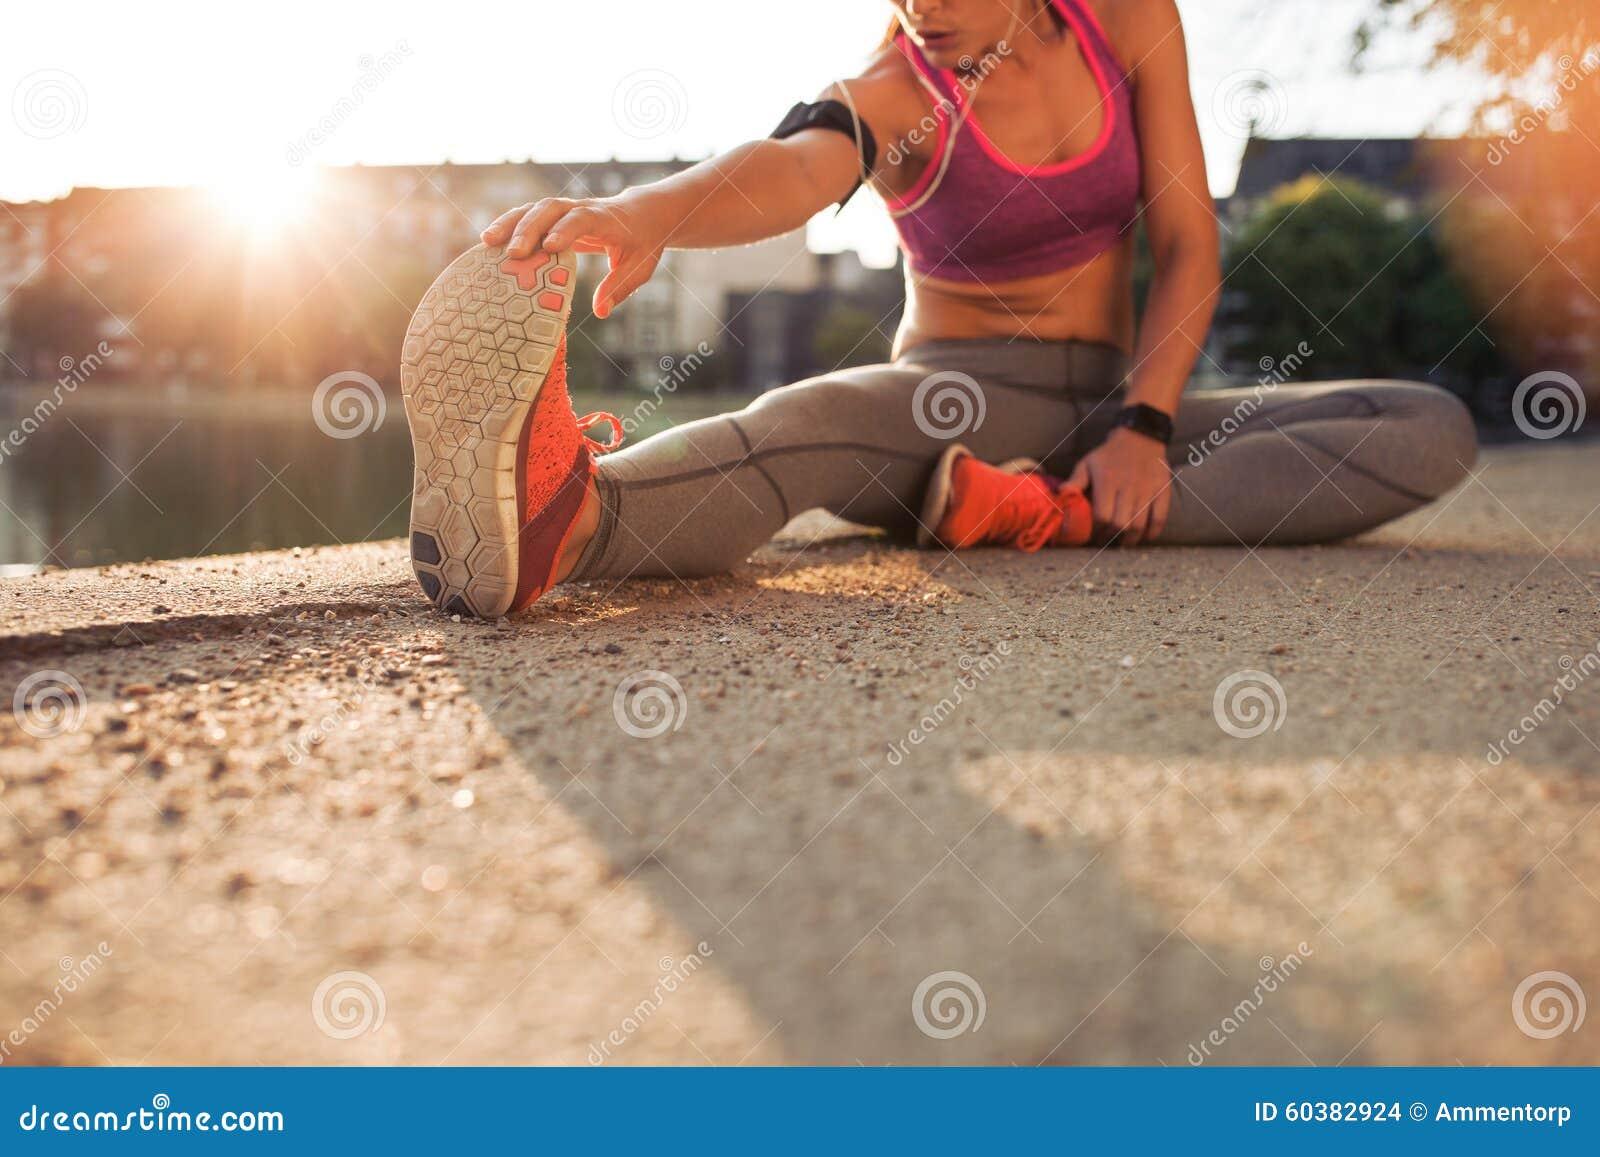 Athlète féminin étirant des jambes